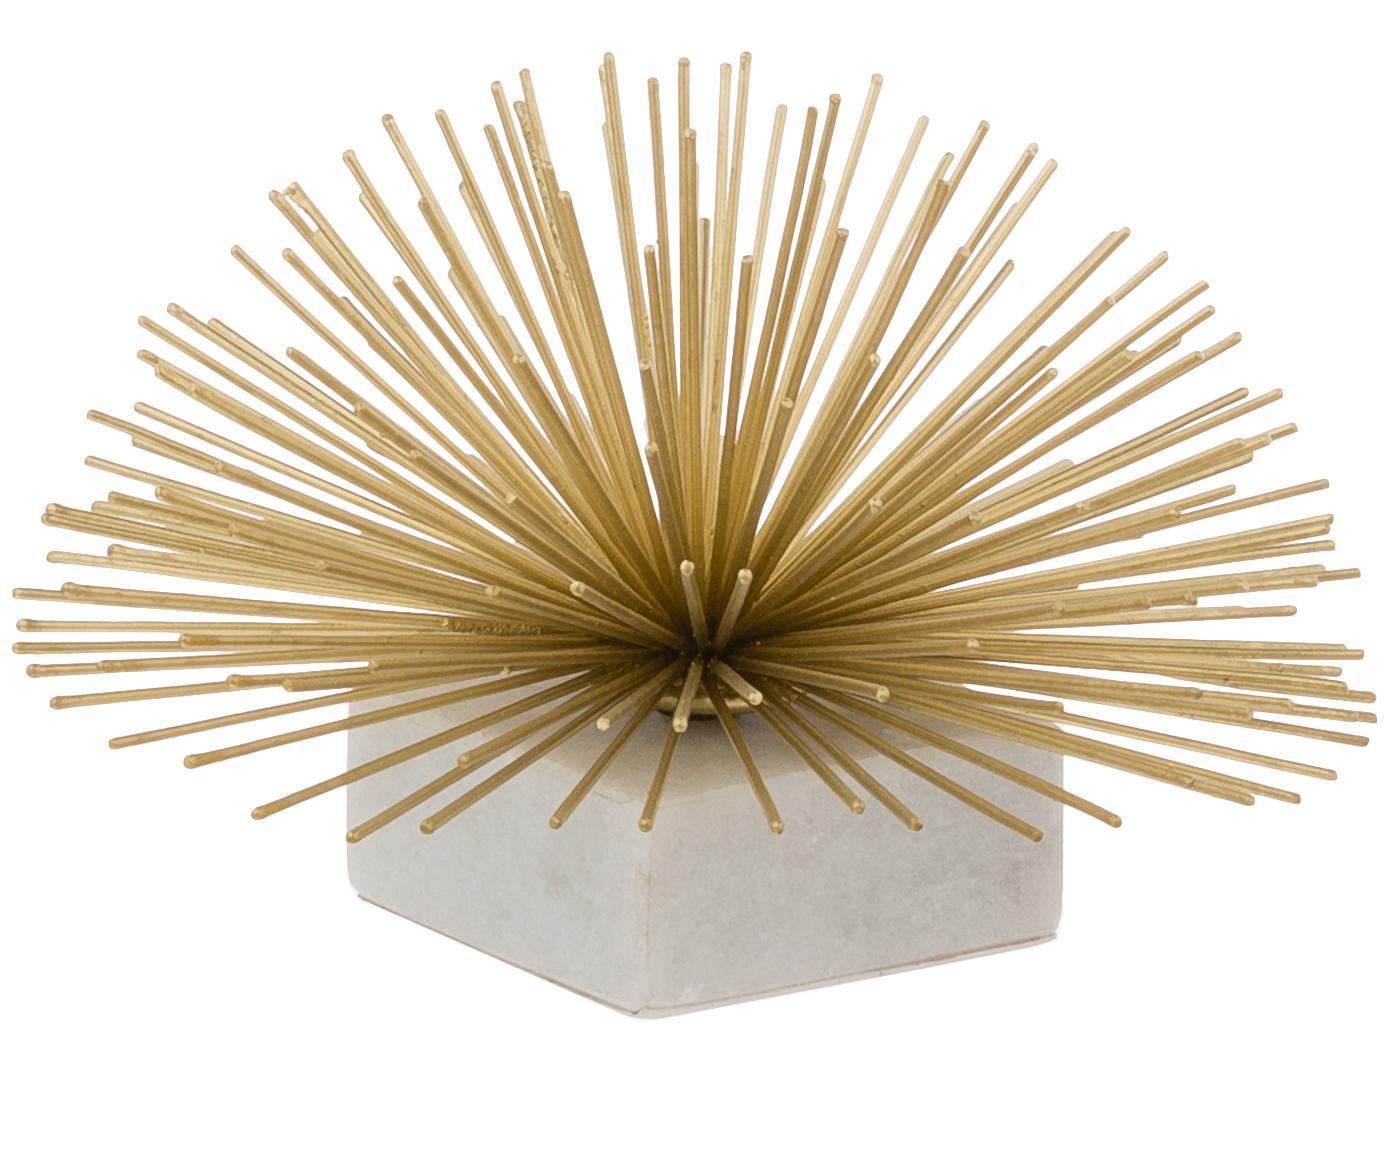 Decoratief object Marburch, Object: metaal, Voet: marmer, Onderzijde: vilt, Object: goudkleurig. Voet: wit marmer, Ø 16 x H 11 cm